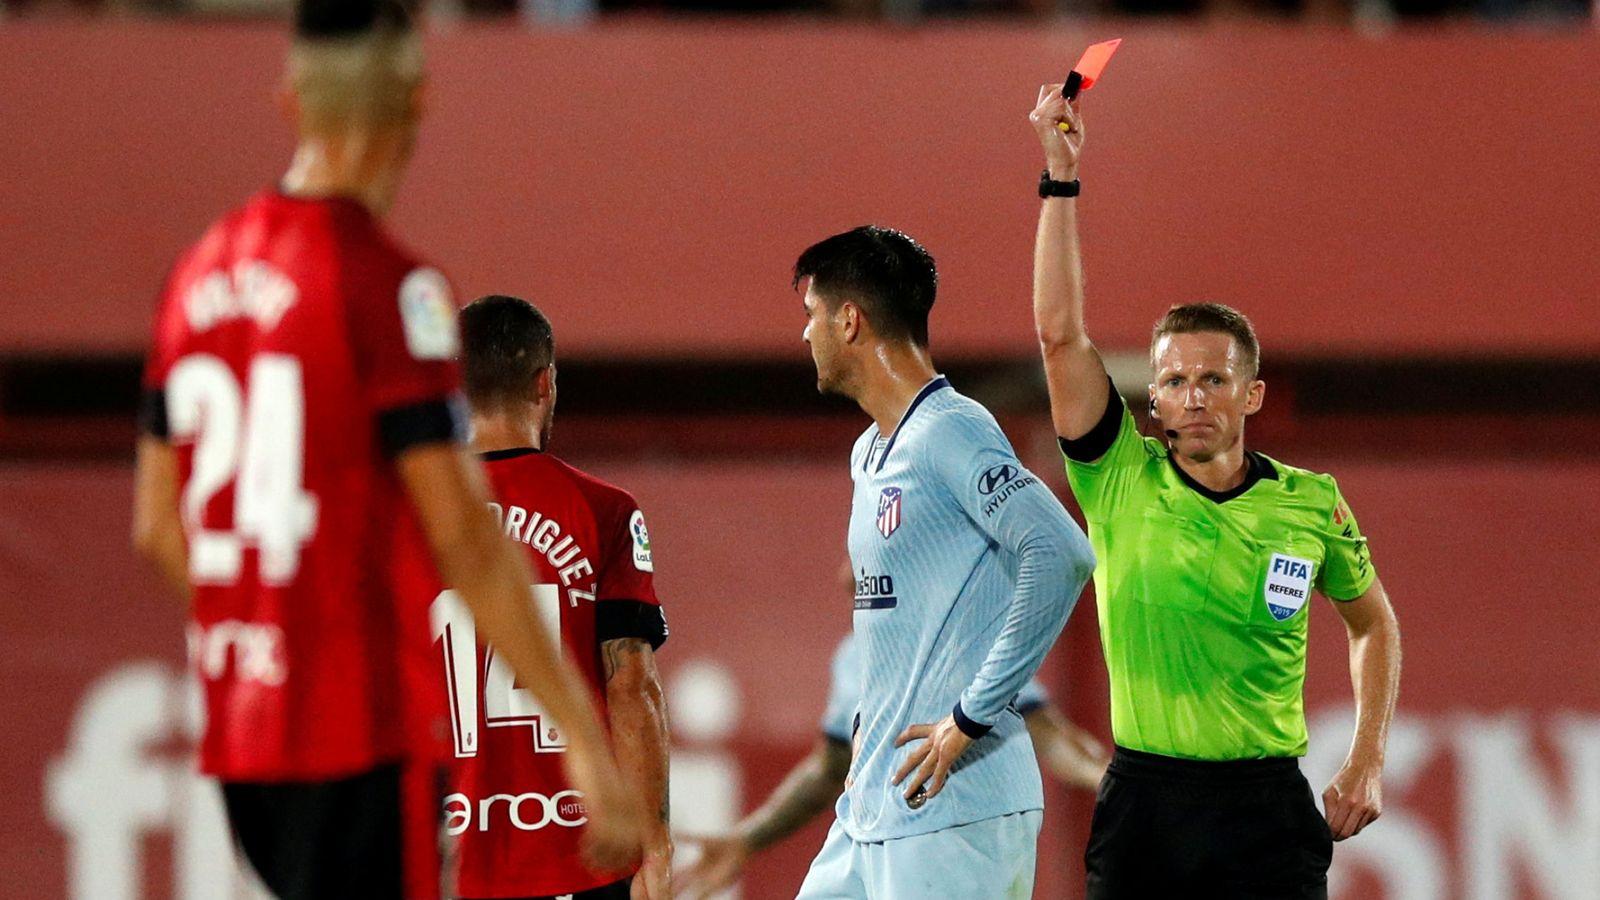 Foto: La expulsión de Morata en el Mallorca-Atlético de Madrid. (Reuters)